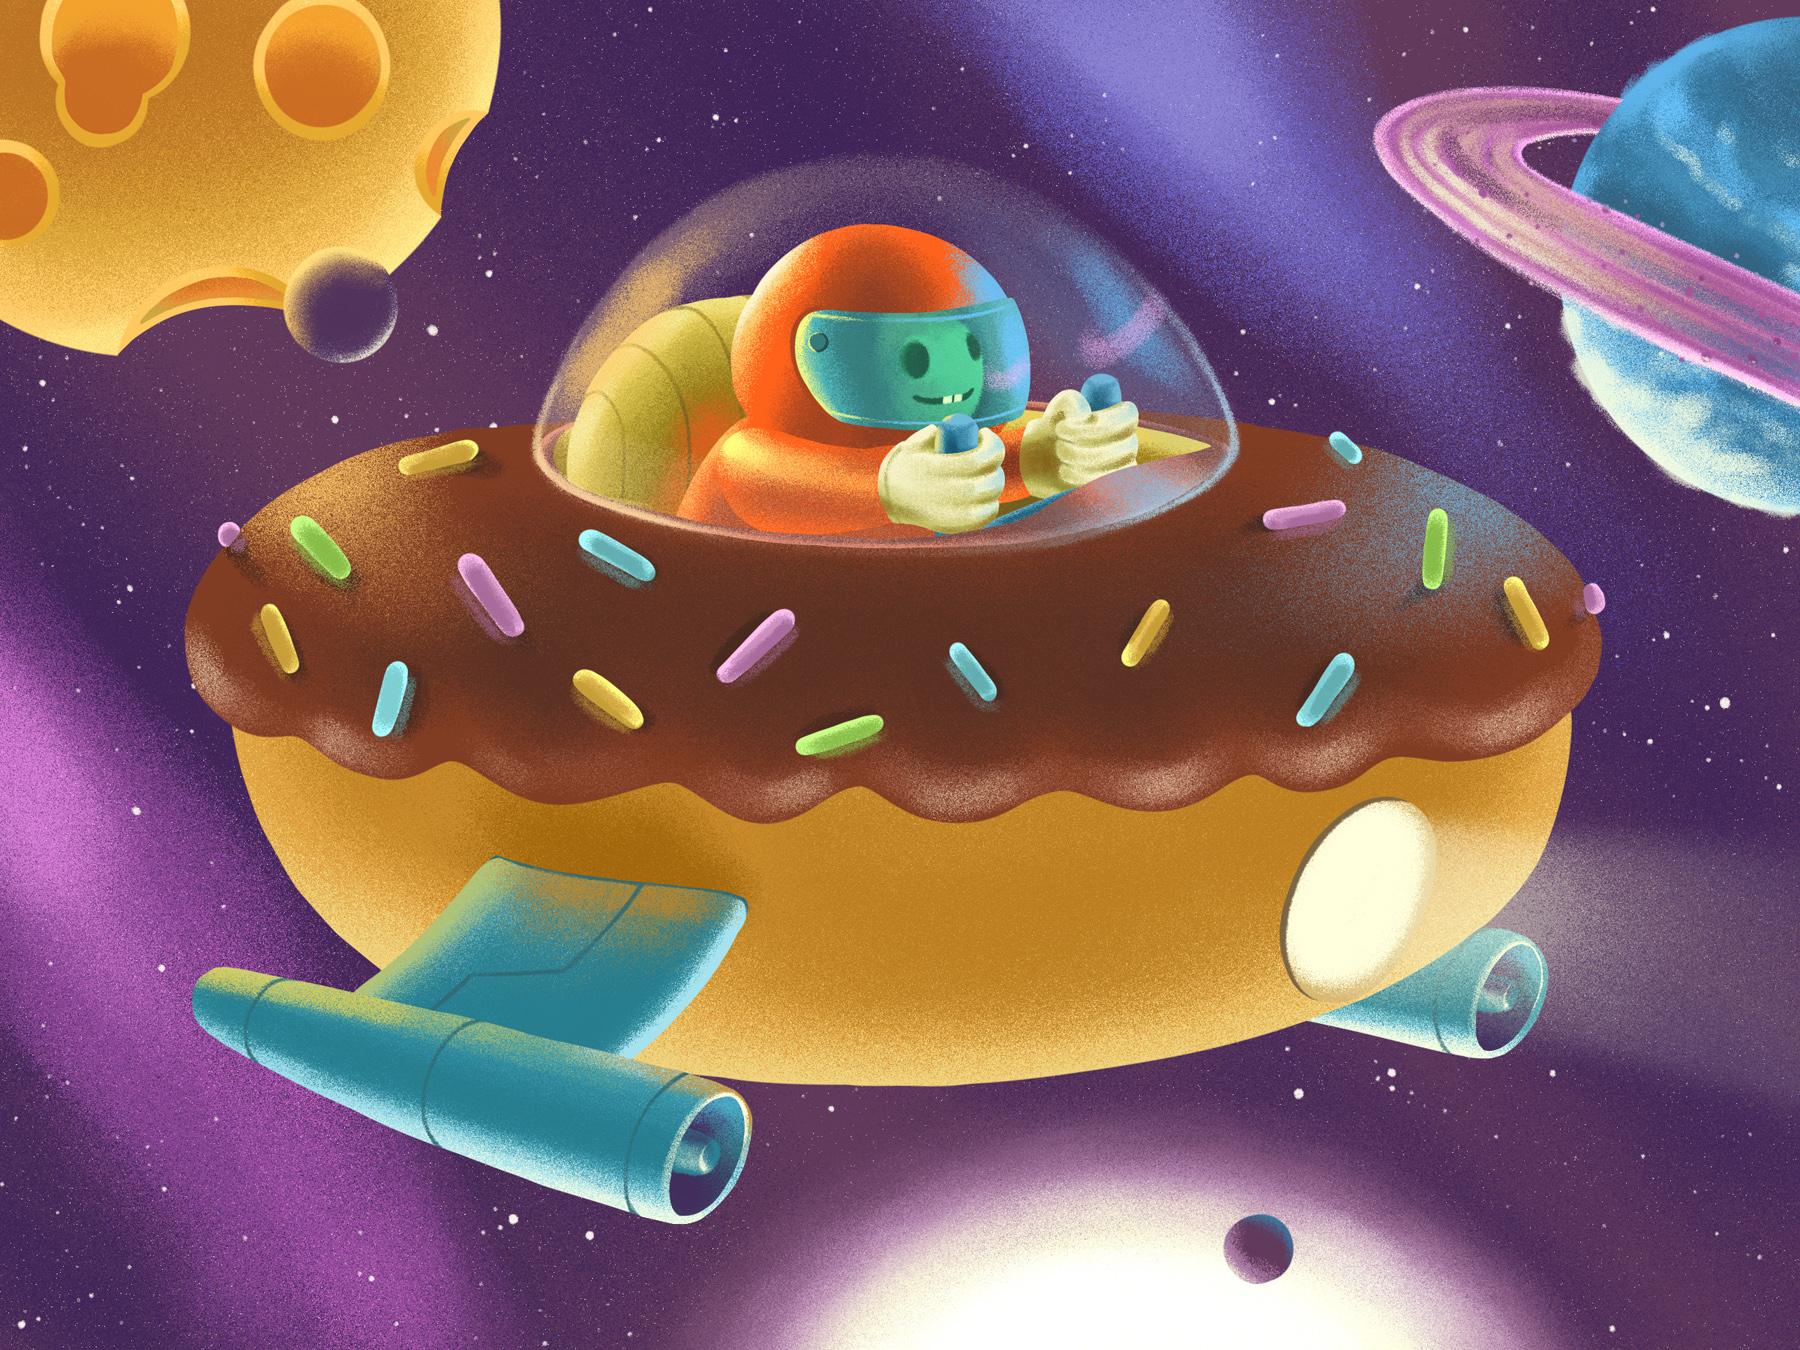 donut_ship.jpg